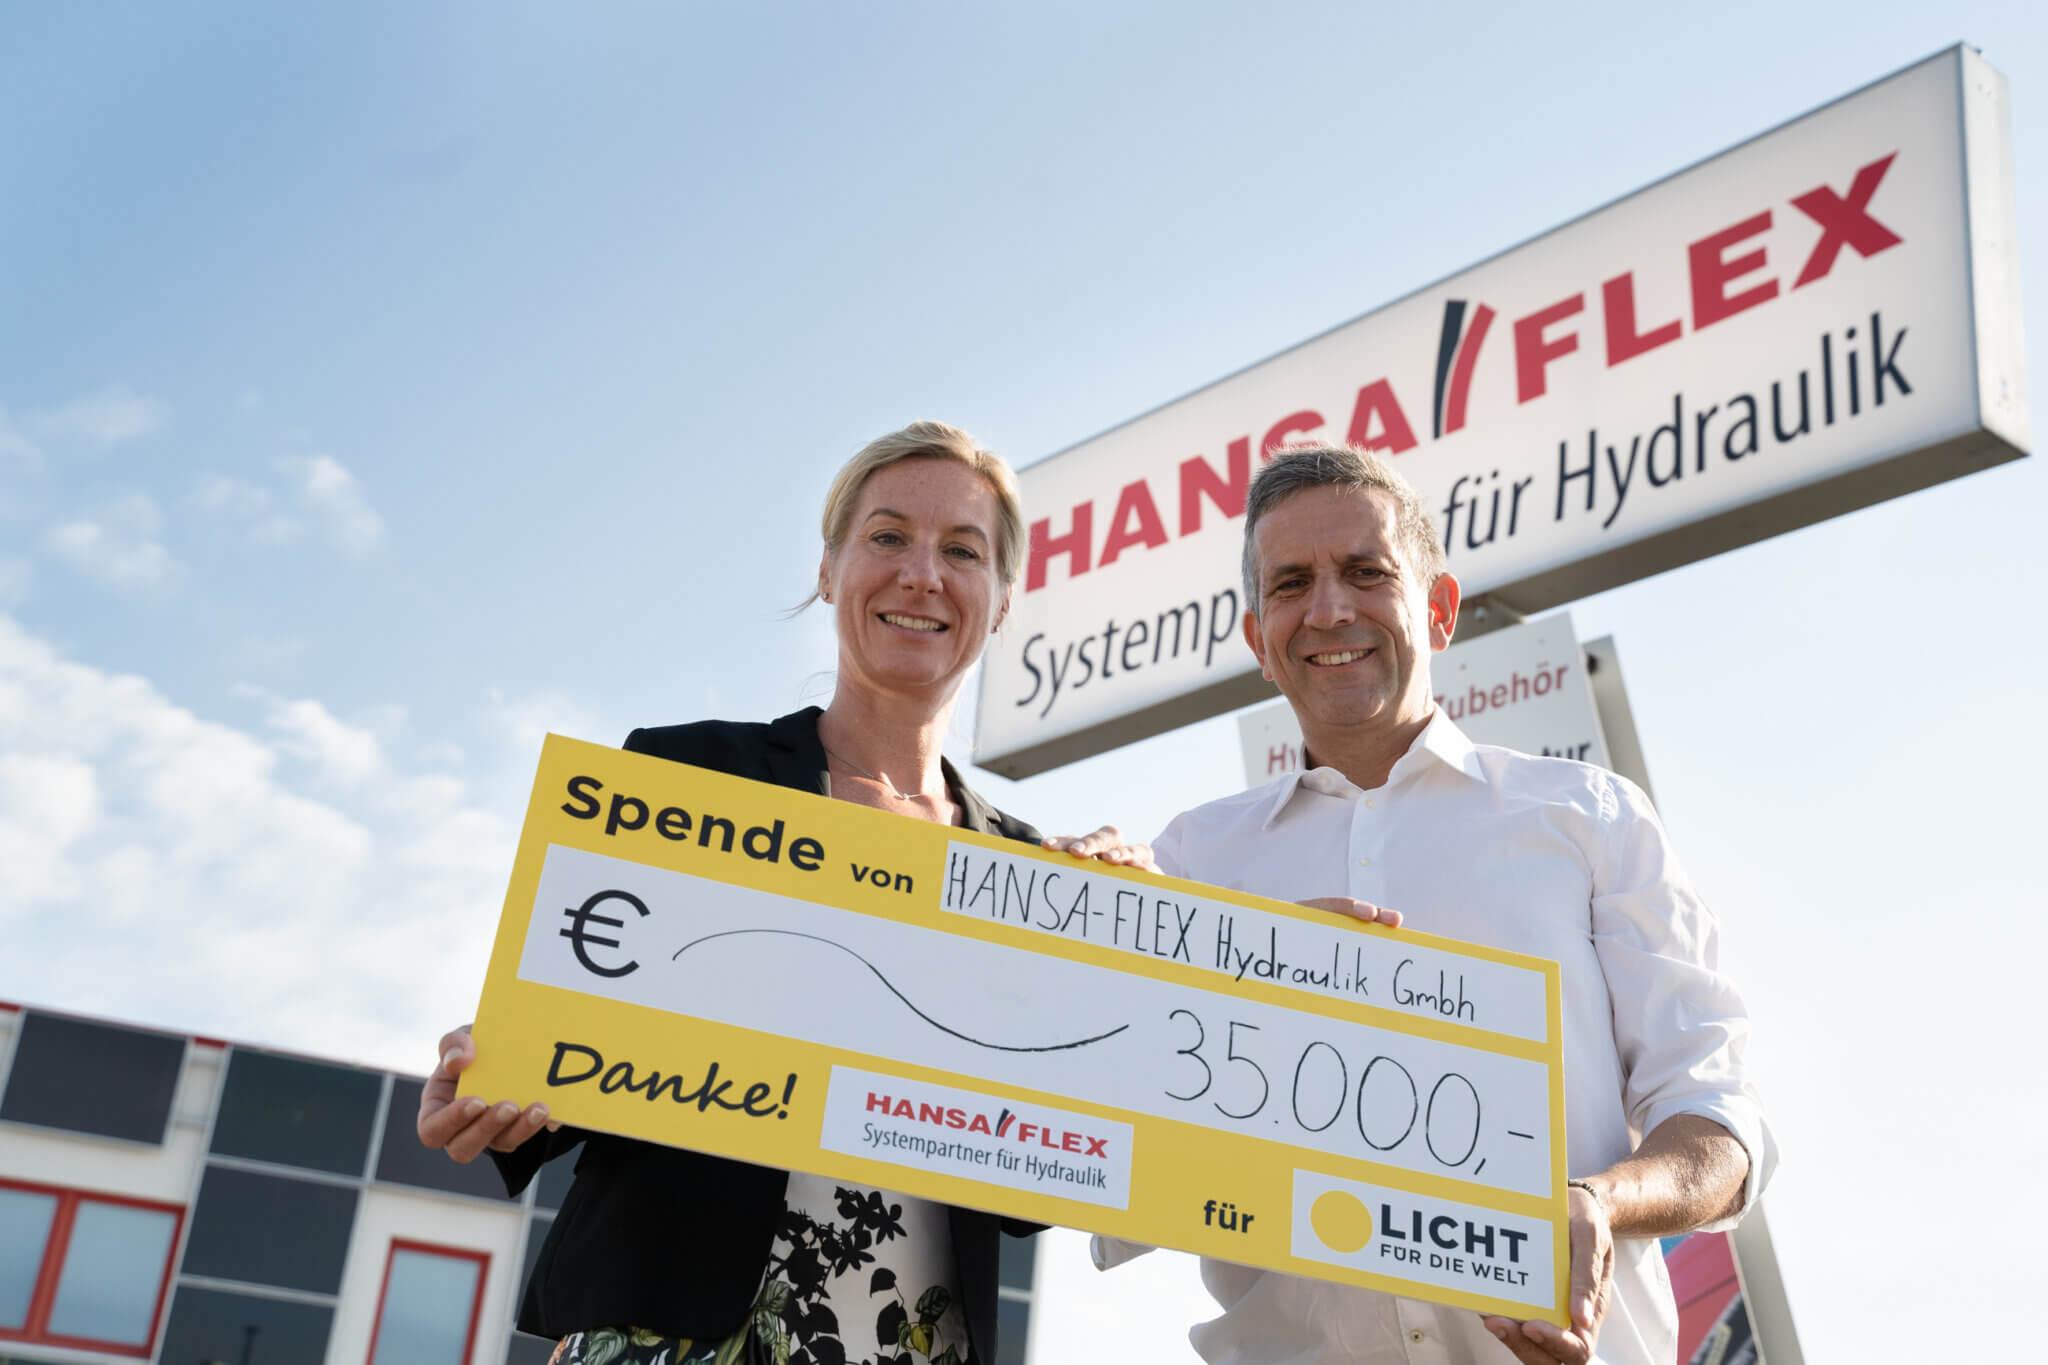 Seit 2013 unterstützt Hansaflex Licht für die Welt. 2019 hat das Unternehmen Menschen in Äthiopien mit 35.000€ unterstützt.